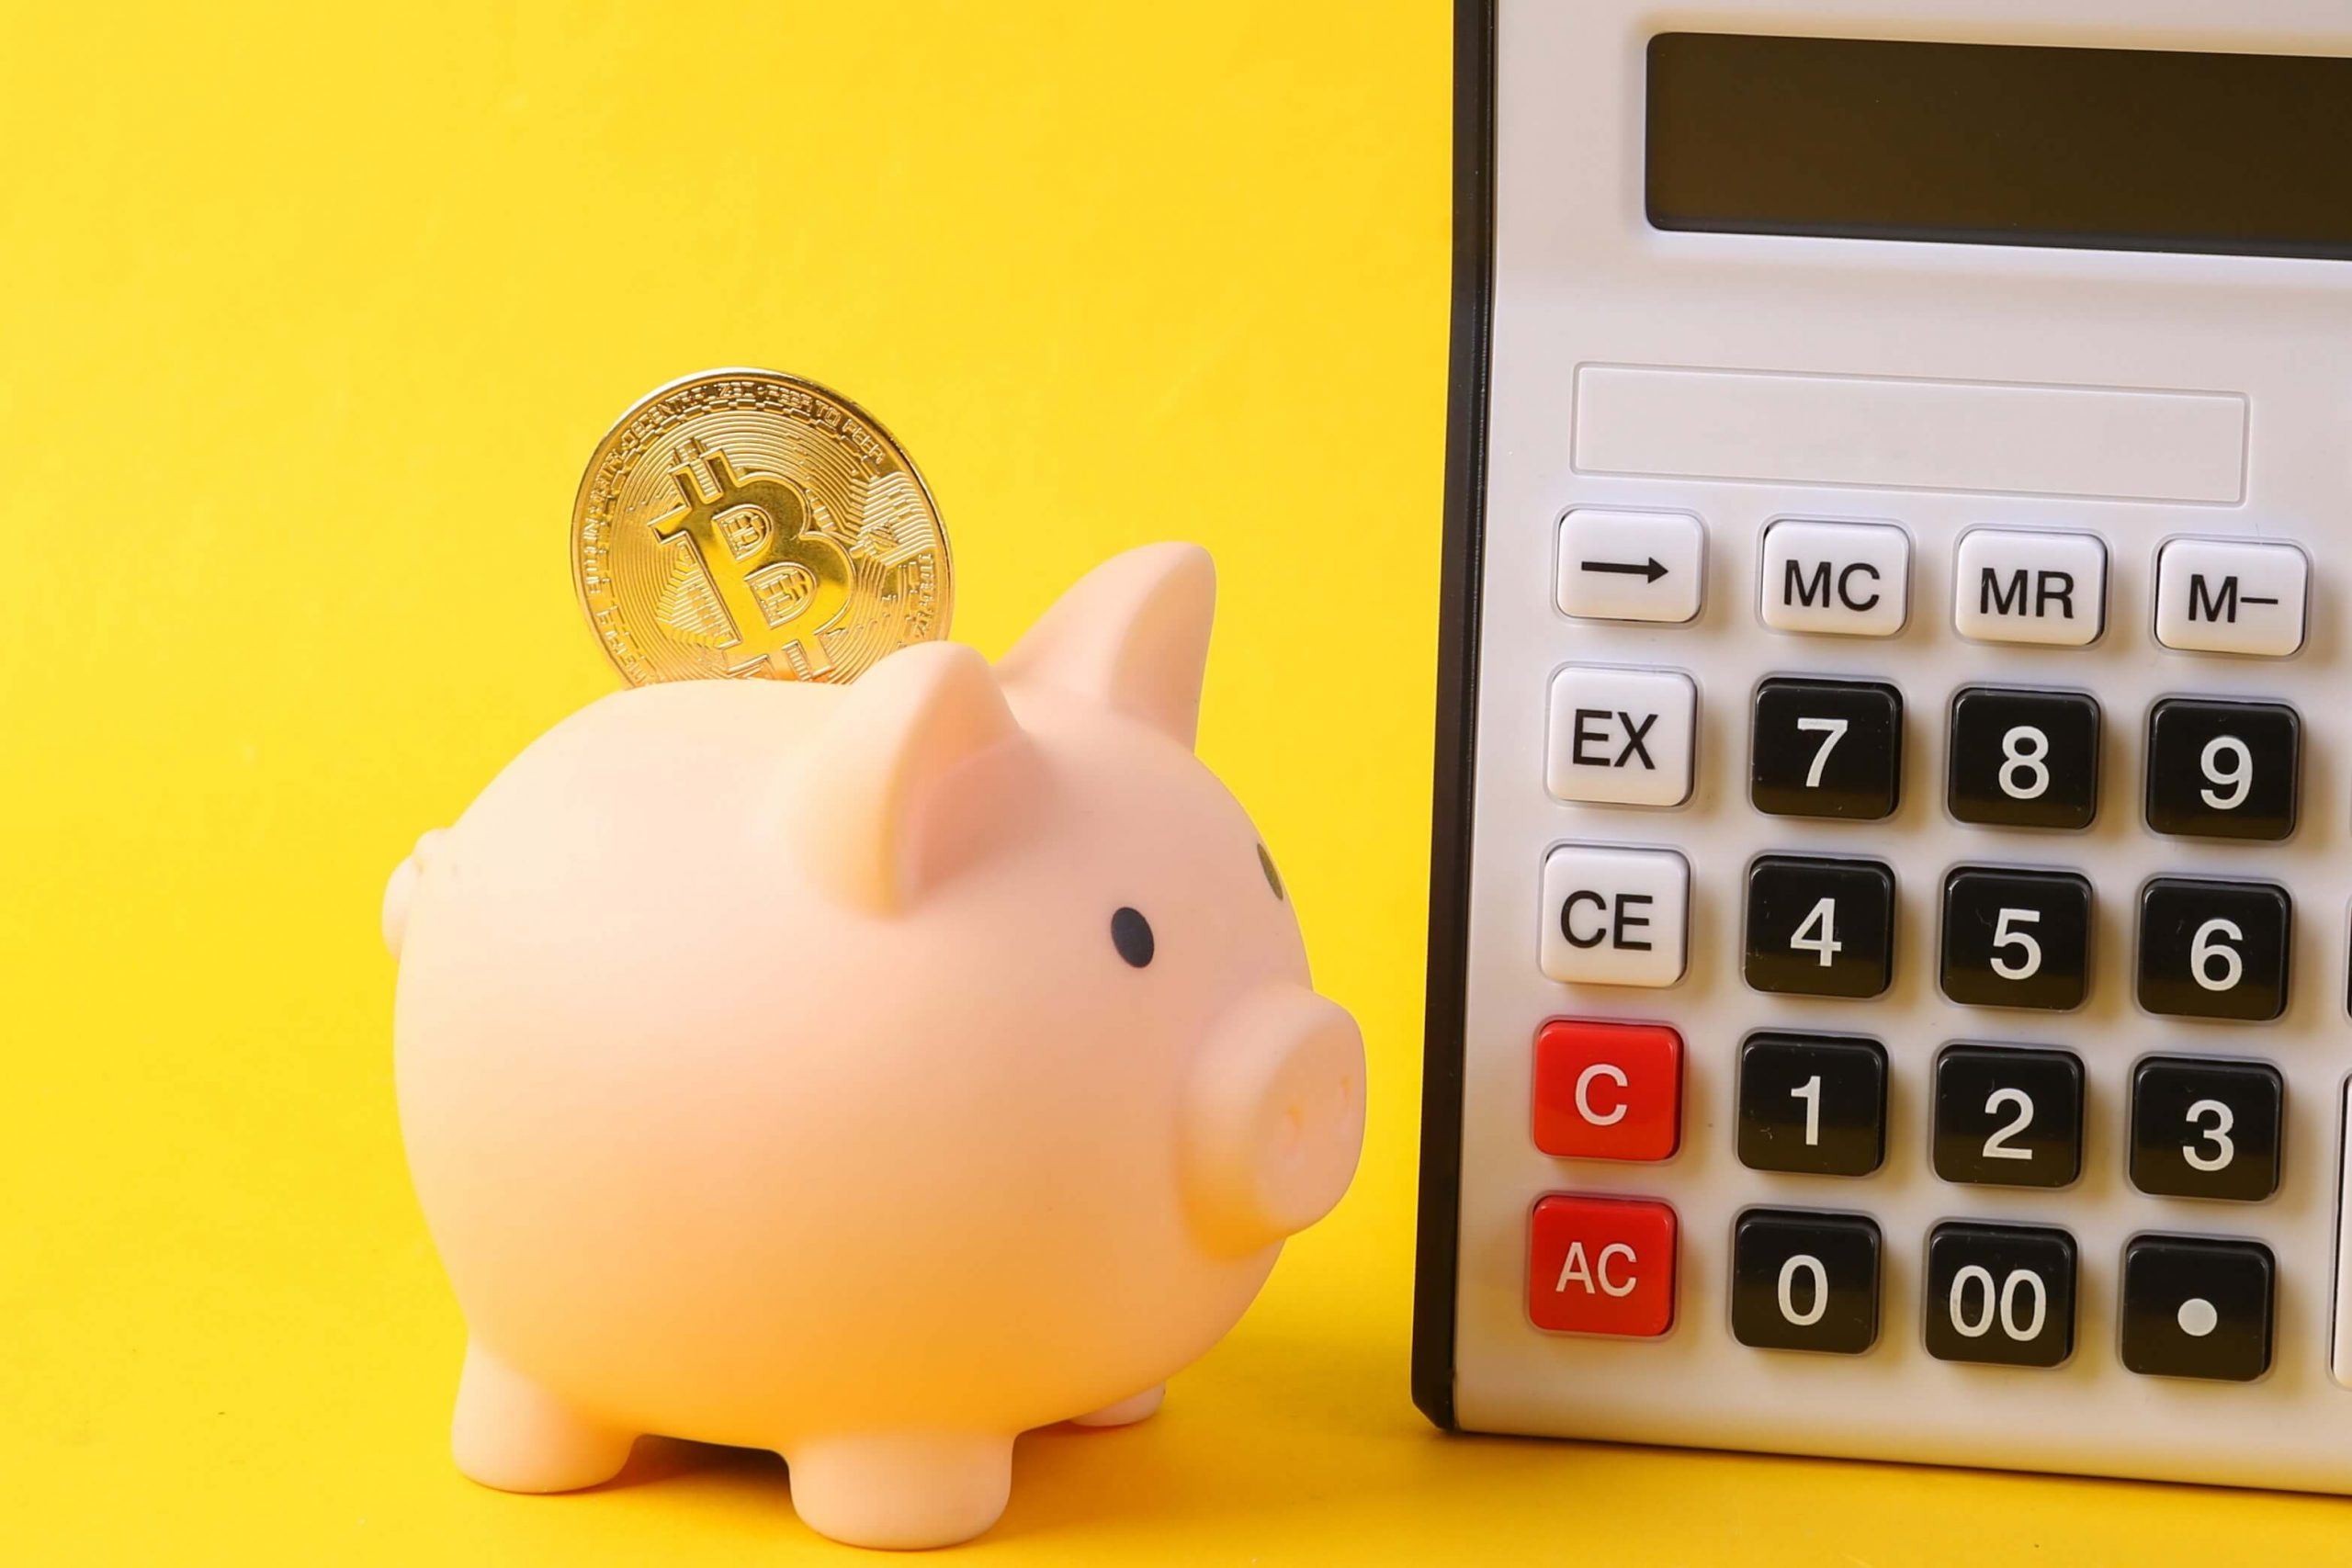 Las tasas de ahorro de criptomonedas son 10 veces mayores que las de la calle principal, pero ¿es para usted?